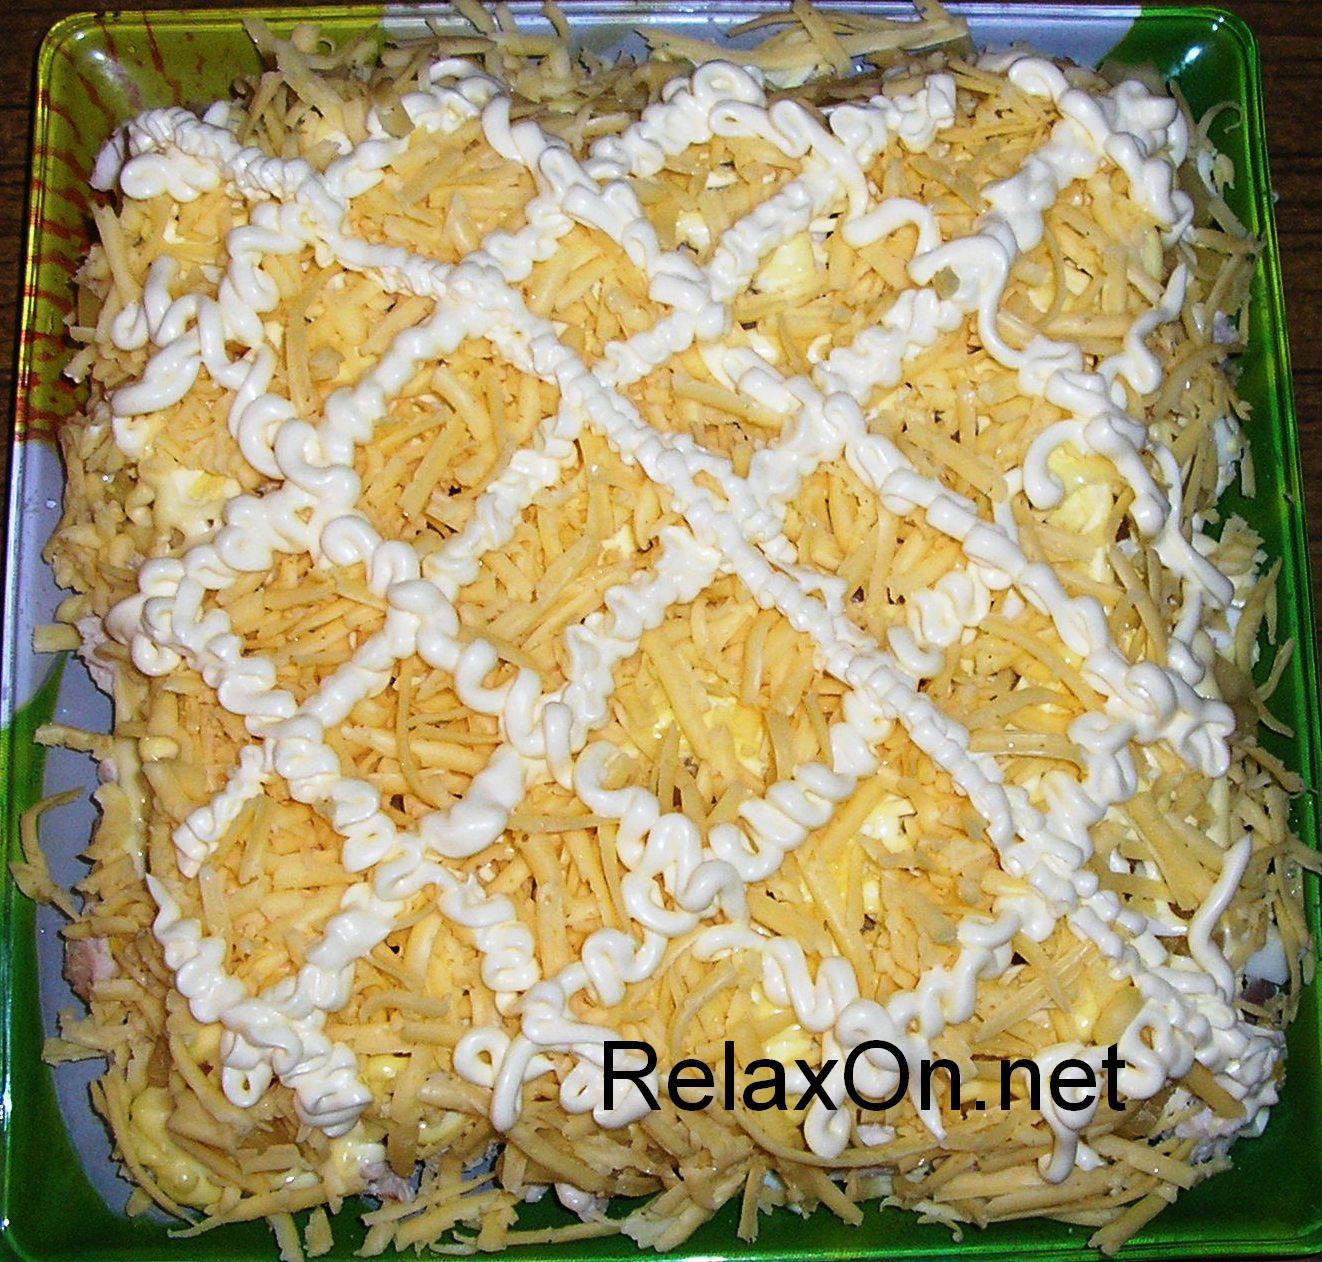 http://www.relaxon.net/images/salat-kurica-s-ananasami-sloenyj1.jpg